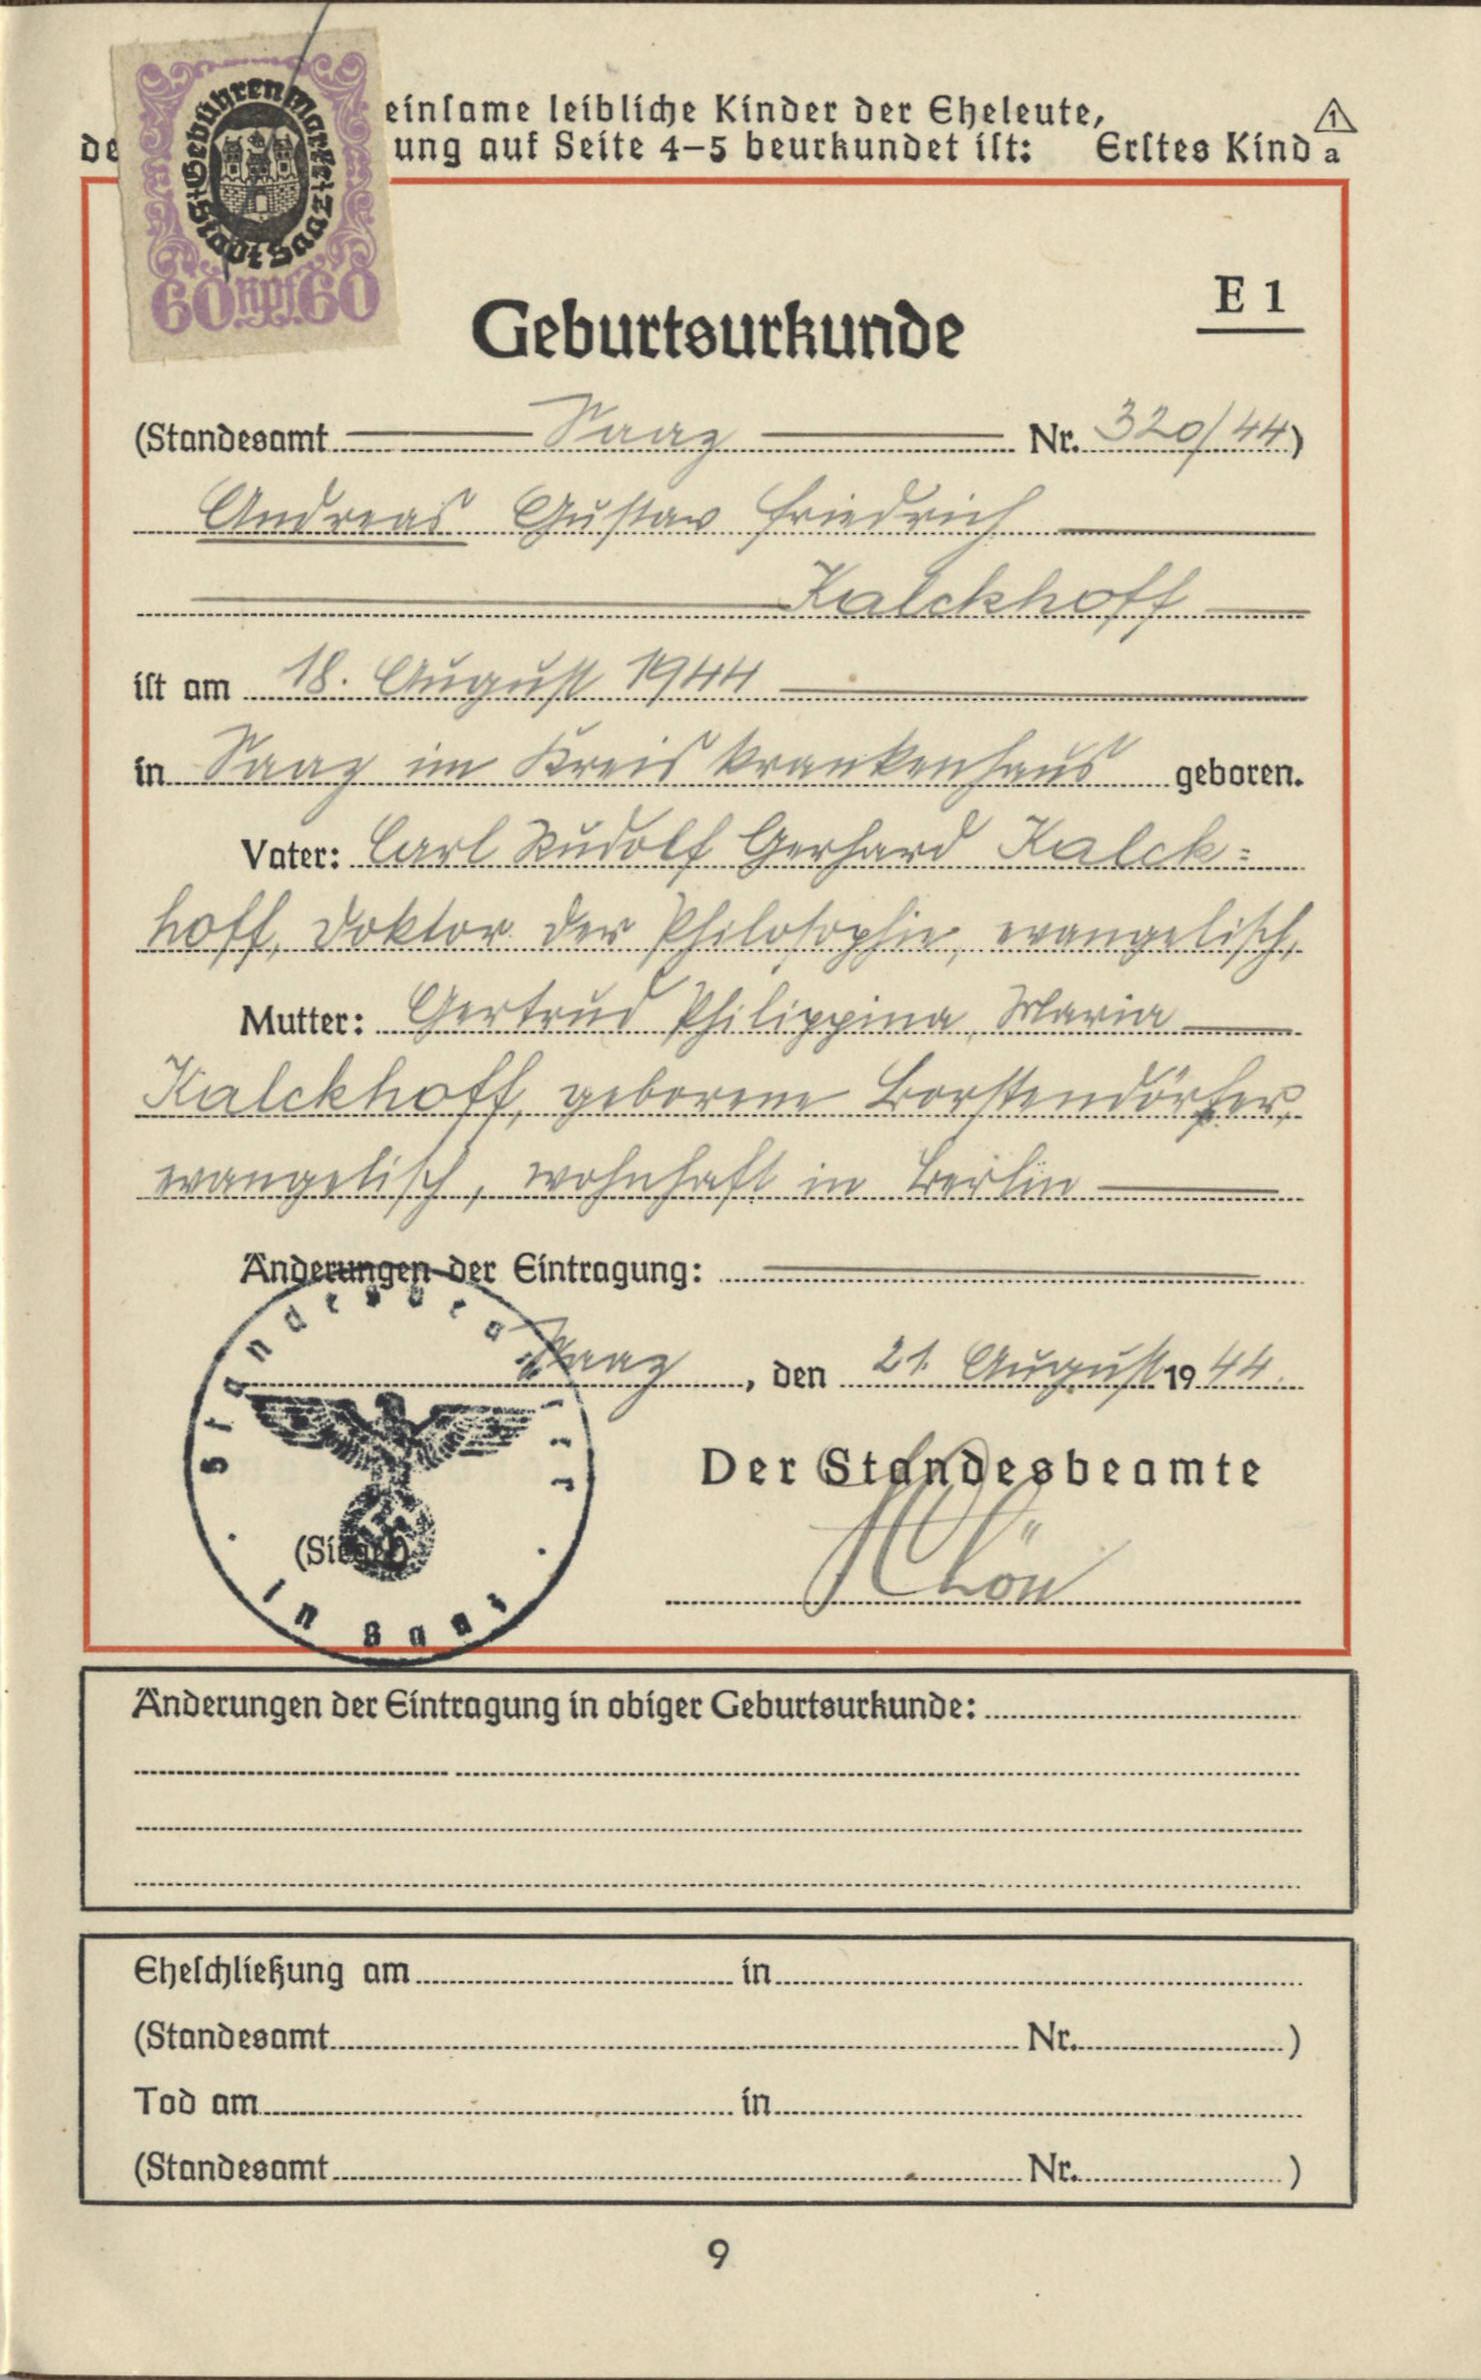 Geburtsurkunde von Andreas Kalckhoff, Saaz 1944